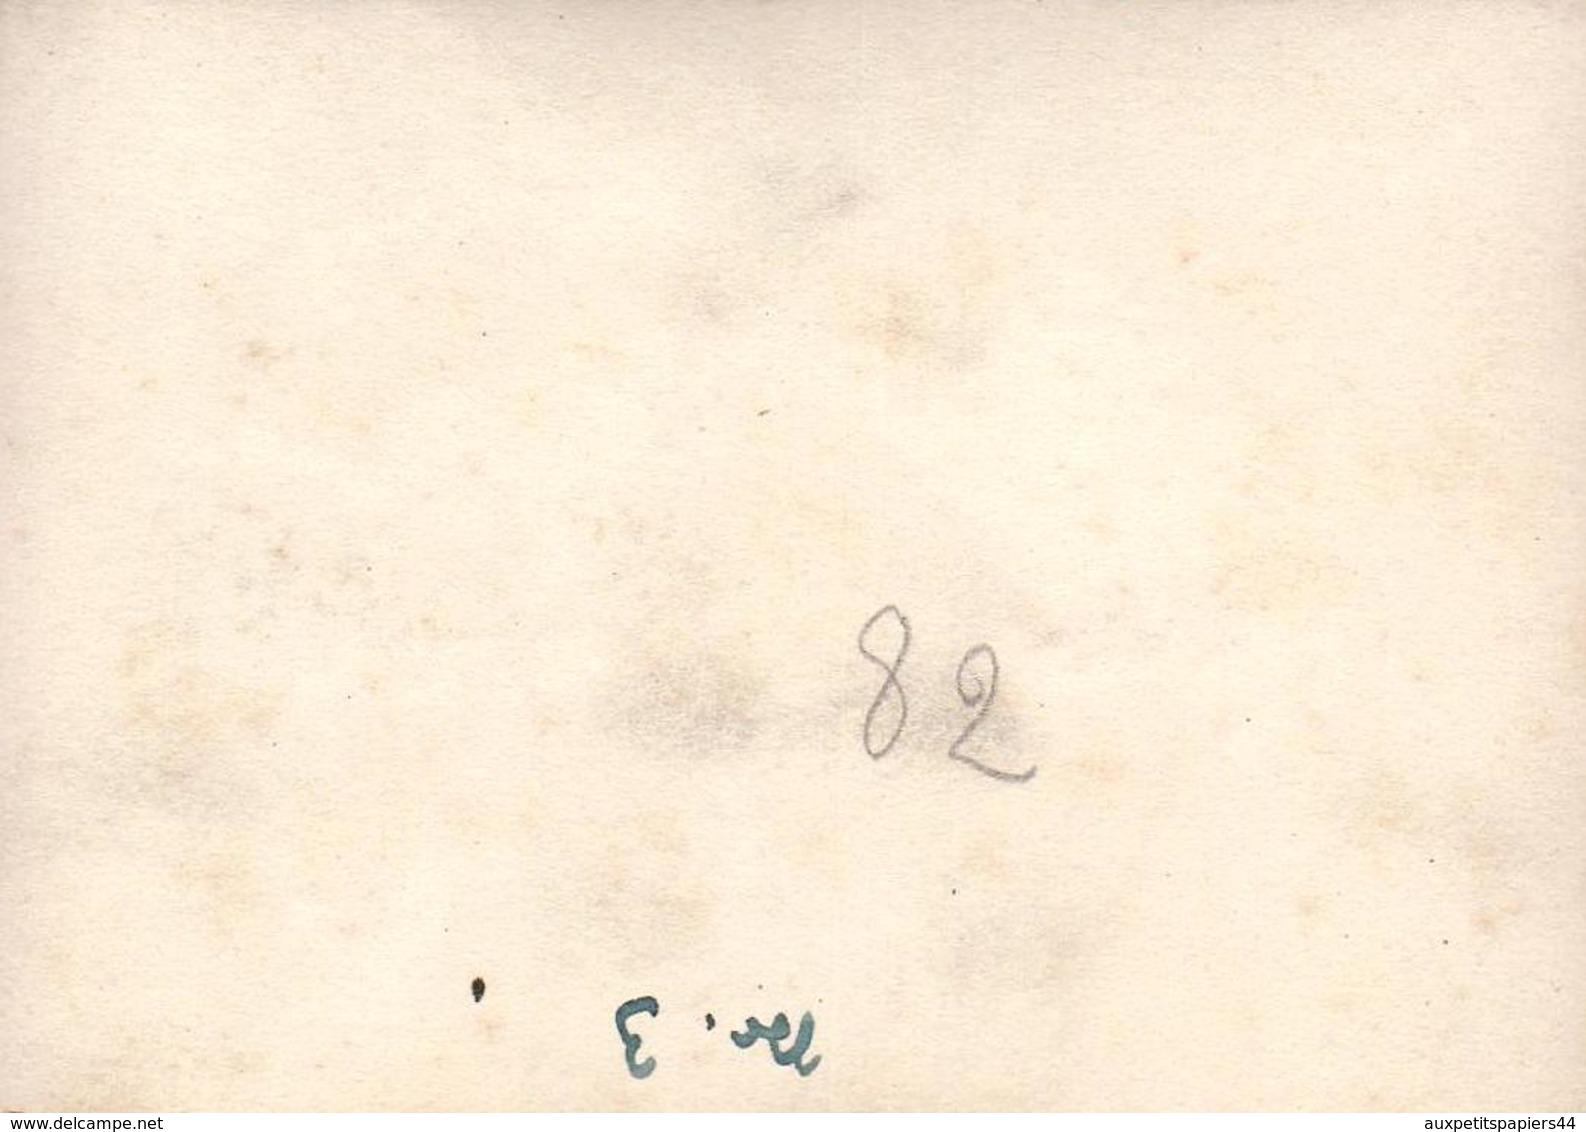 Photo Originale Visite Du Facteur Bavarois Et Bonnes Nouvelles Dans Le Courrier - Correspondance De Guerre 1940's - Métiers